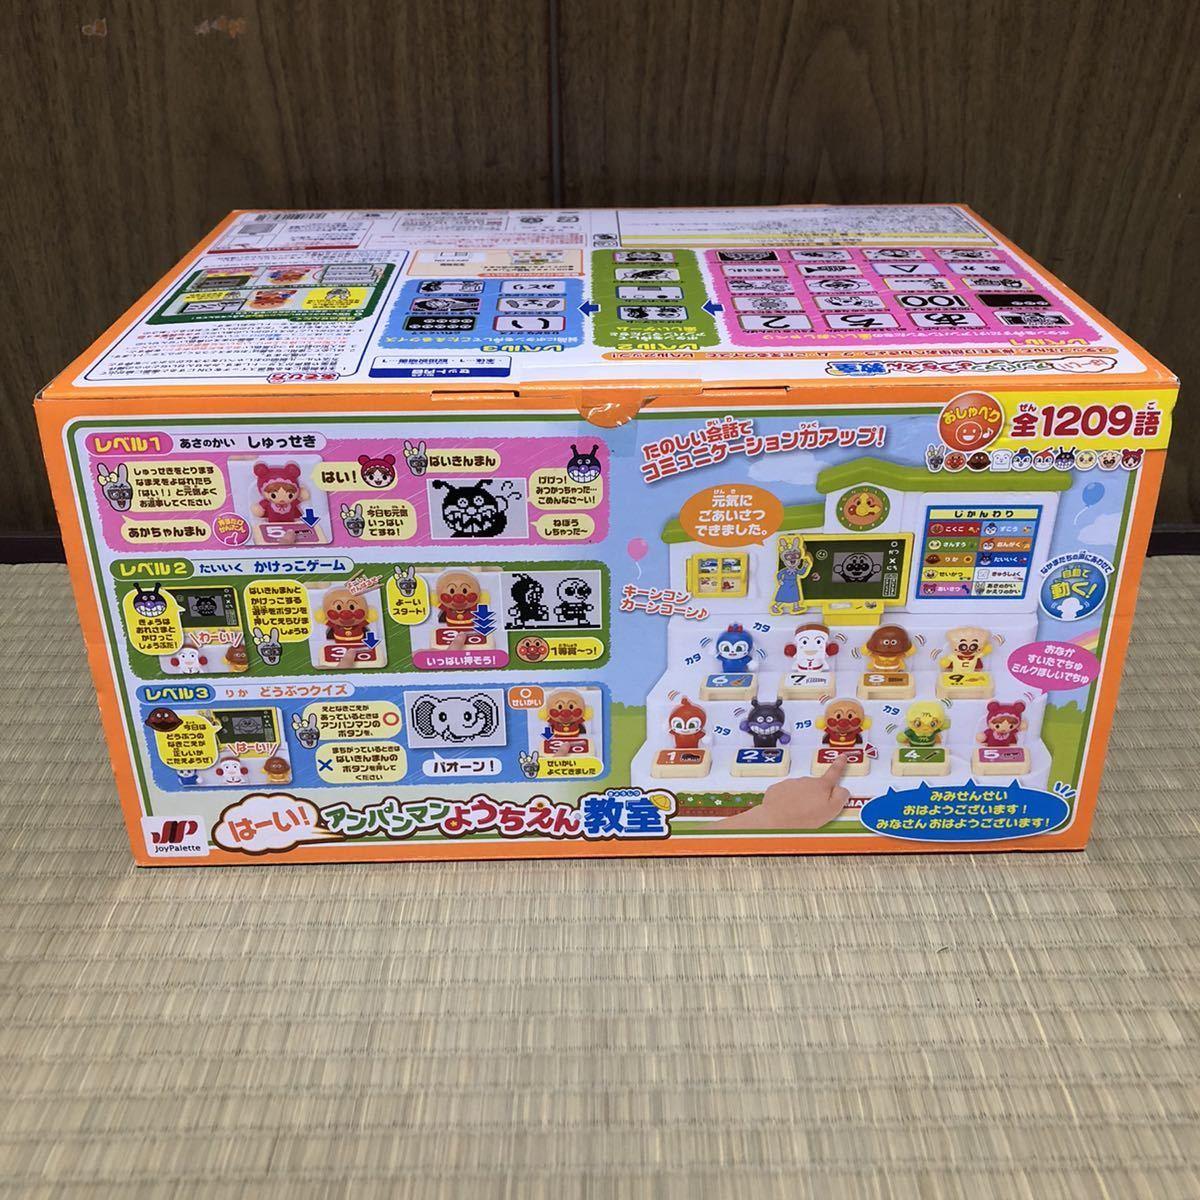 新品 アンパンマン ようちえん教室 知育玩具 幼稚園 保育園 幼児教育 おもちゃ プレゼント バイキンマン 食パンマン ドキンちゃん_画像4